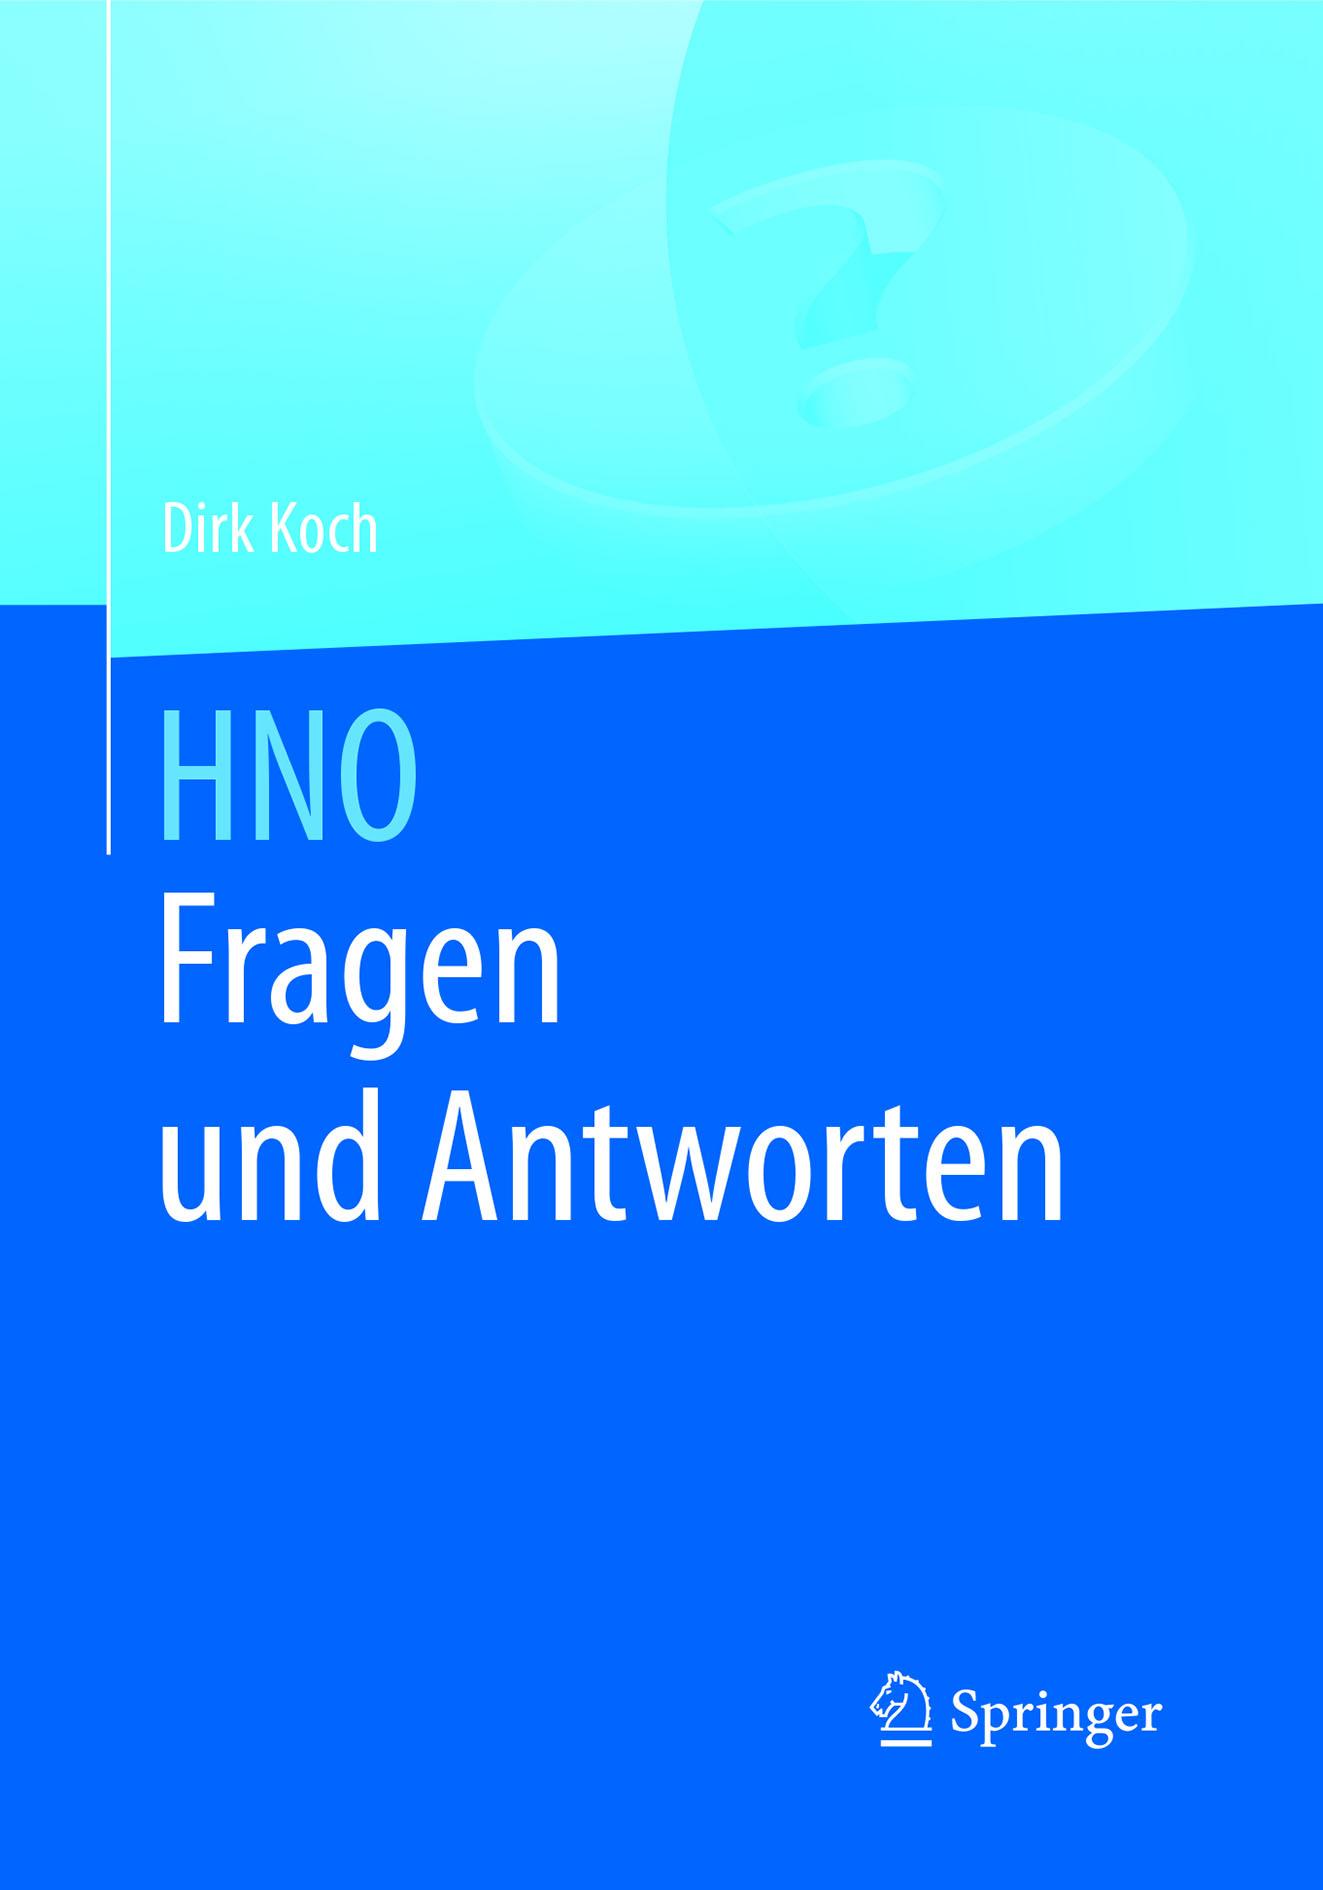 Koch, Dirk - HNO Fragen und Antworten, ebook